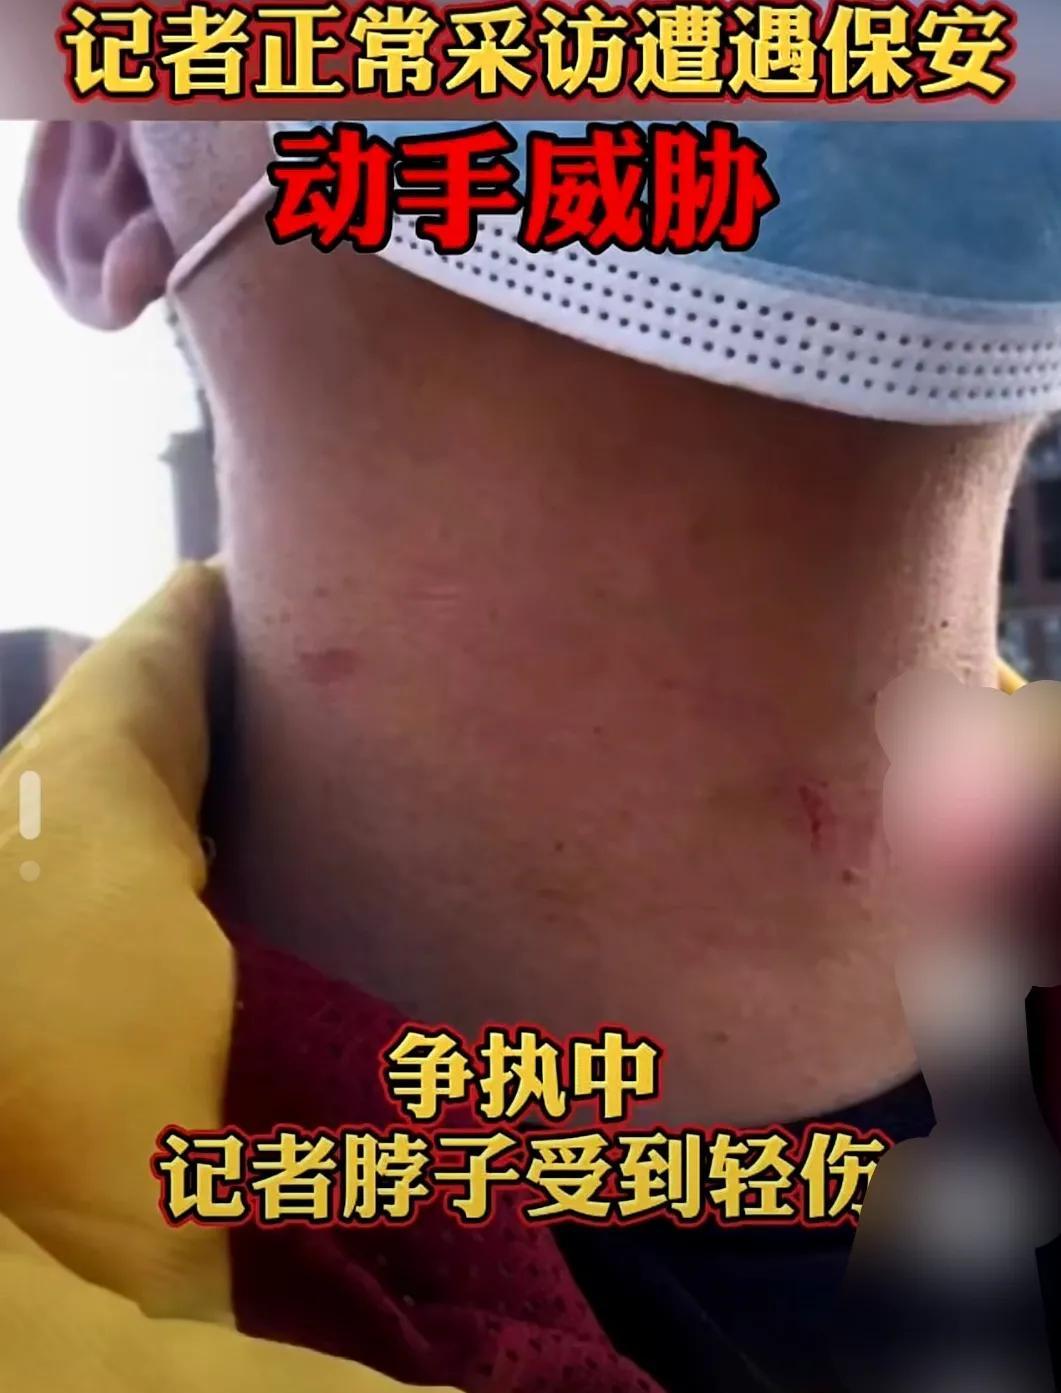 深圳一英式教育国际学校保安殴打威胁记者